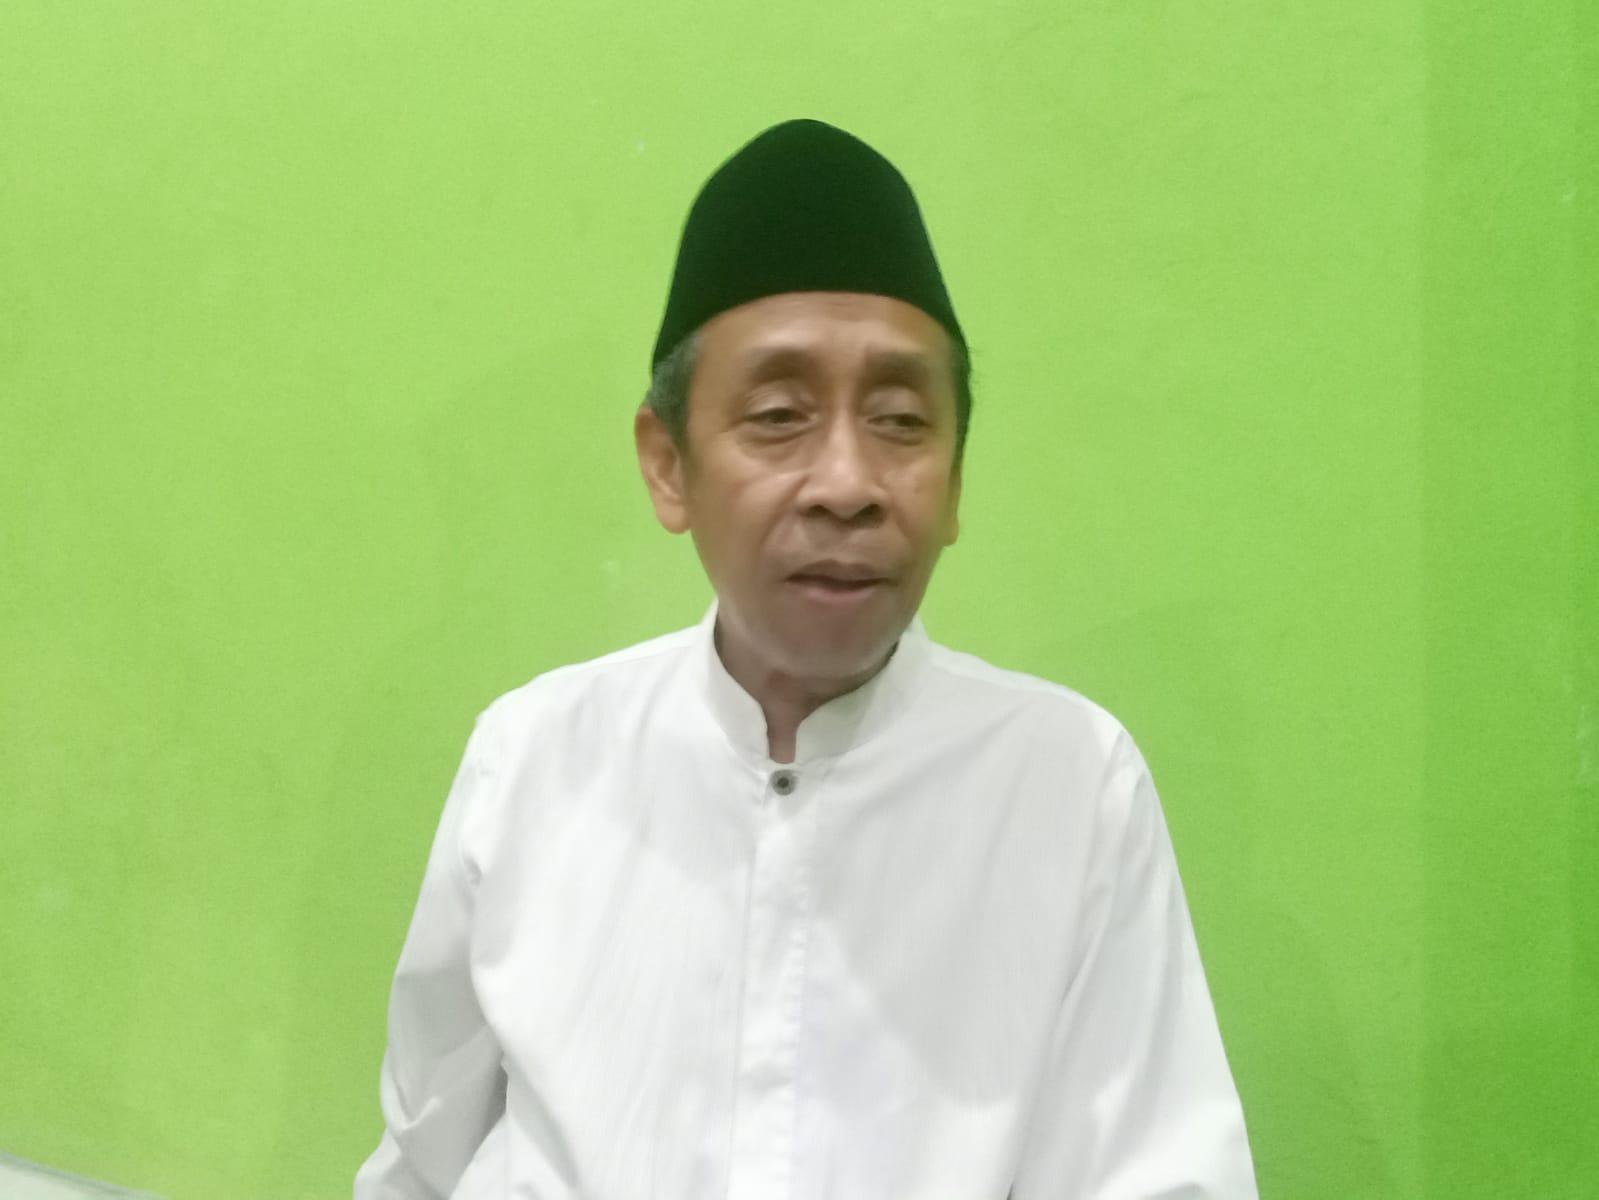 Ketua DPW PPP, Masruhan Samsuri Saat Kegiatan Tasyakuran Perpres No 82 Tahun 2021. Rezanda Akbar D/Lingkar.co